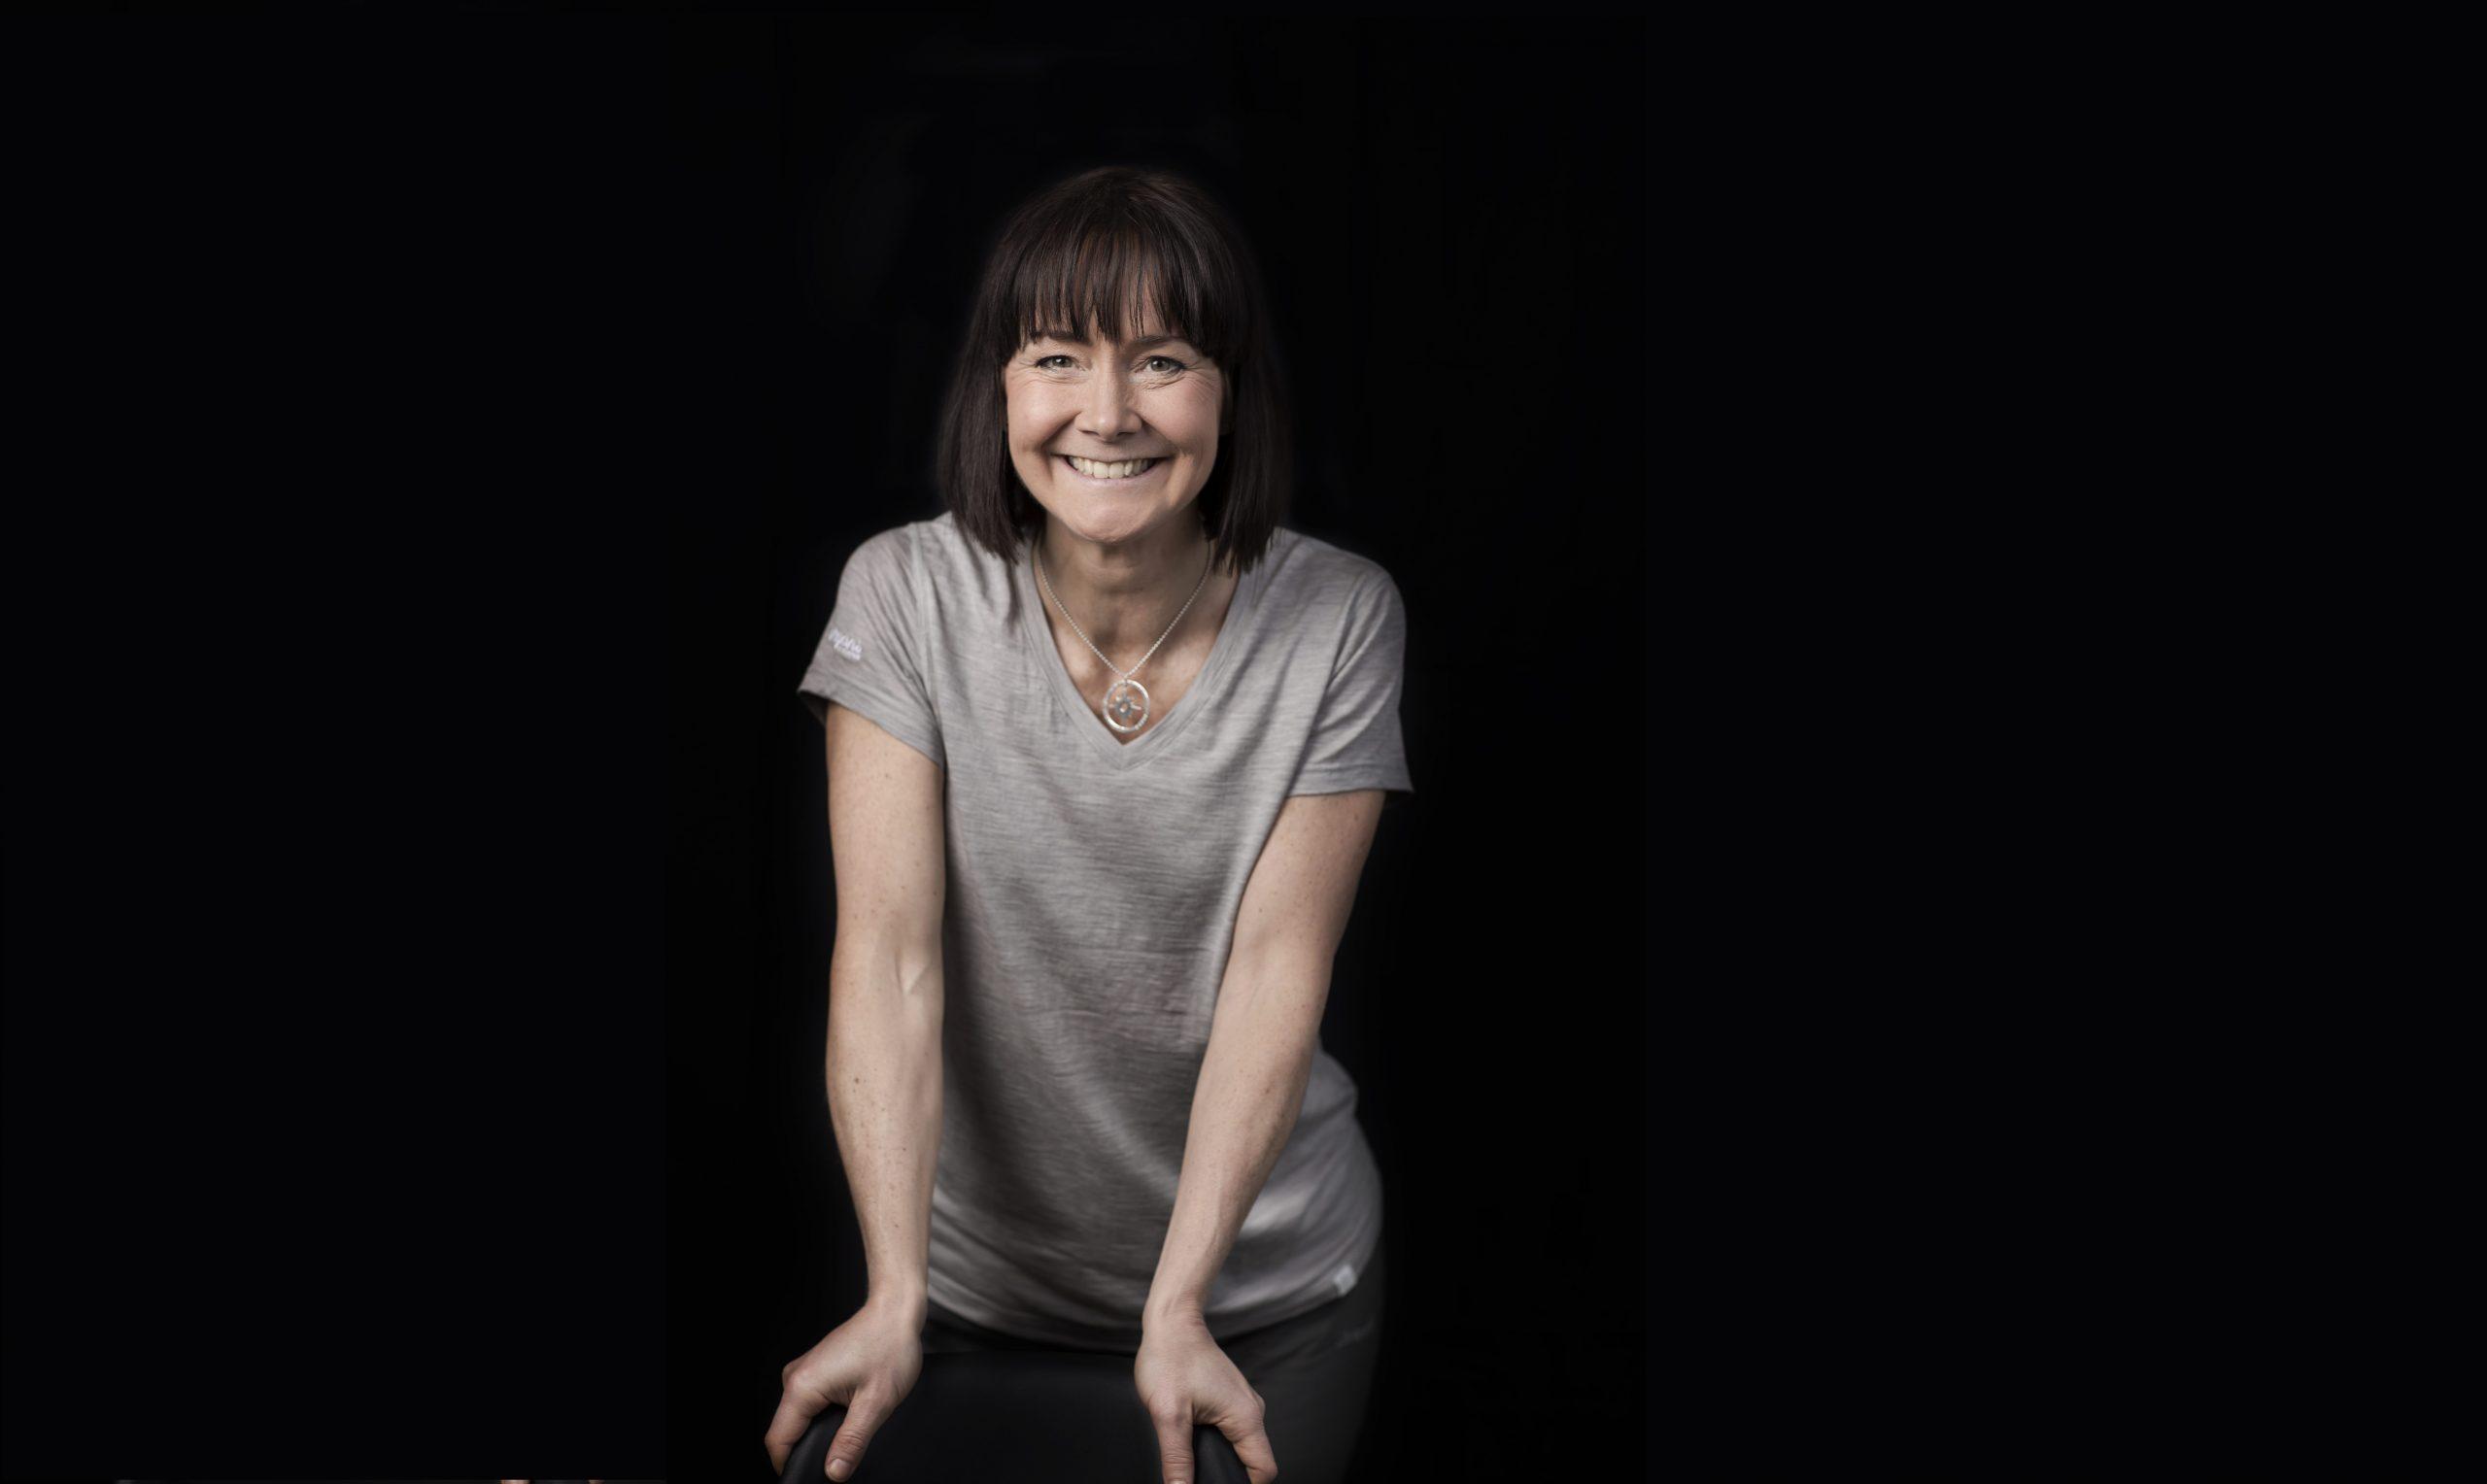 Kristina Paltén övervann sin rädsla när hon ensam sprang genom Iran. Träffa henne i Vismas monter på Personal & Chef. Foto: Björnsthlm.se